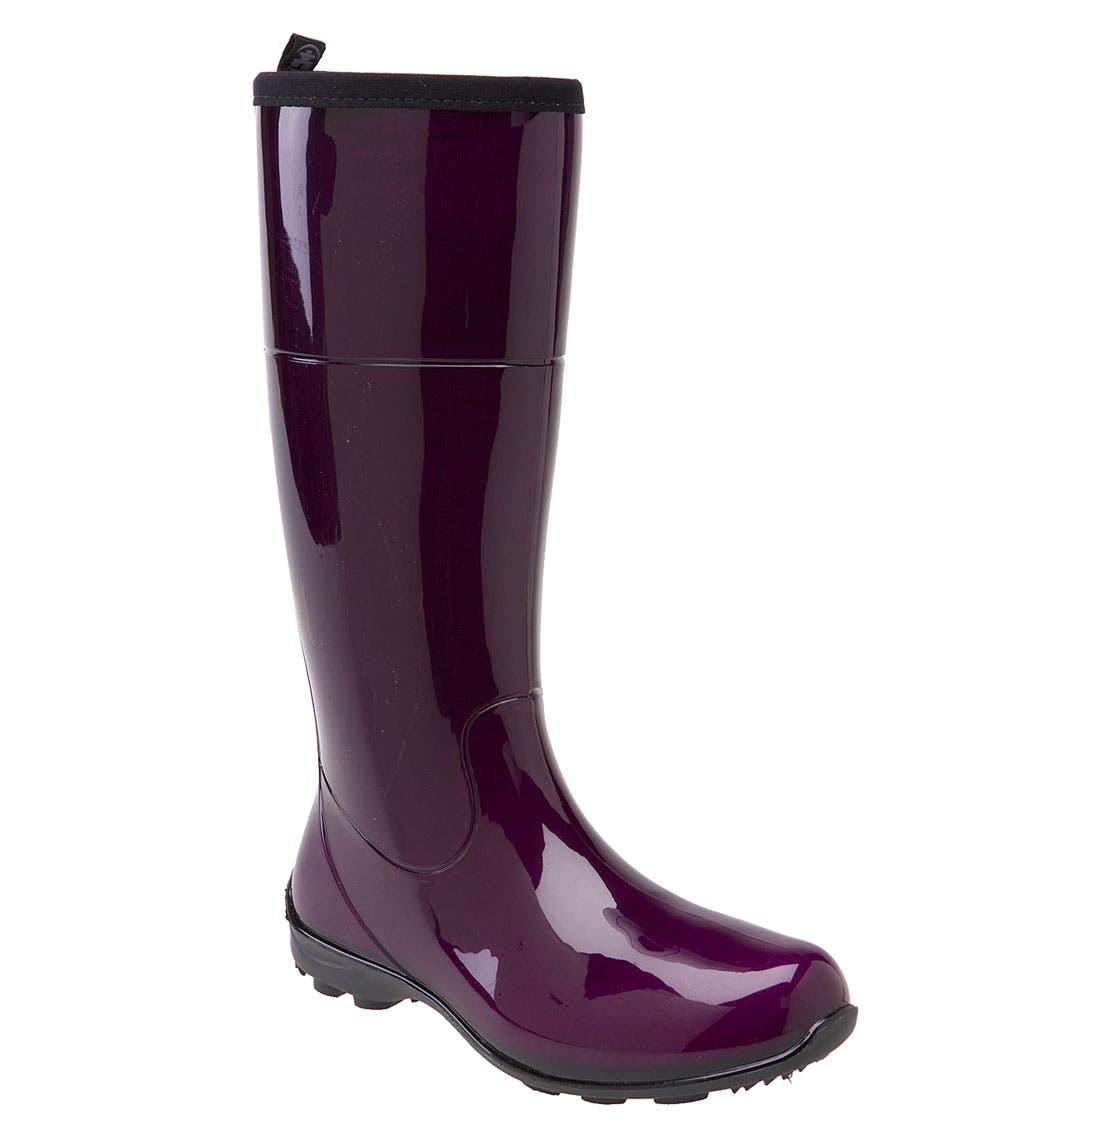 Alternate Image 1 Selected - Kamik 'Ellie' Rain Boot (Women)